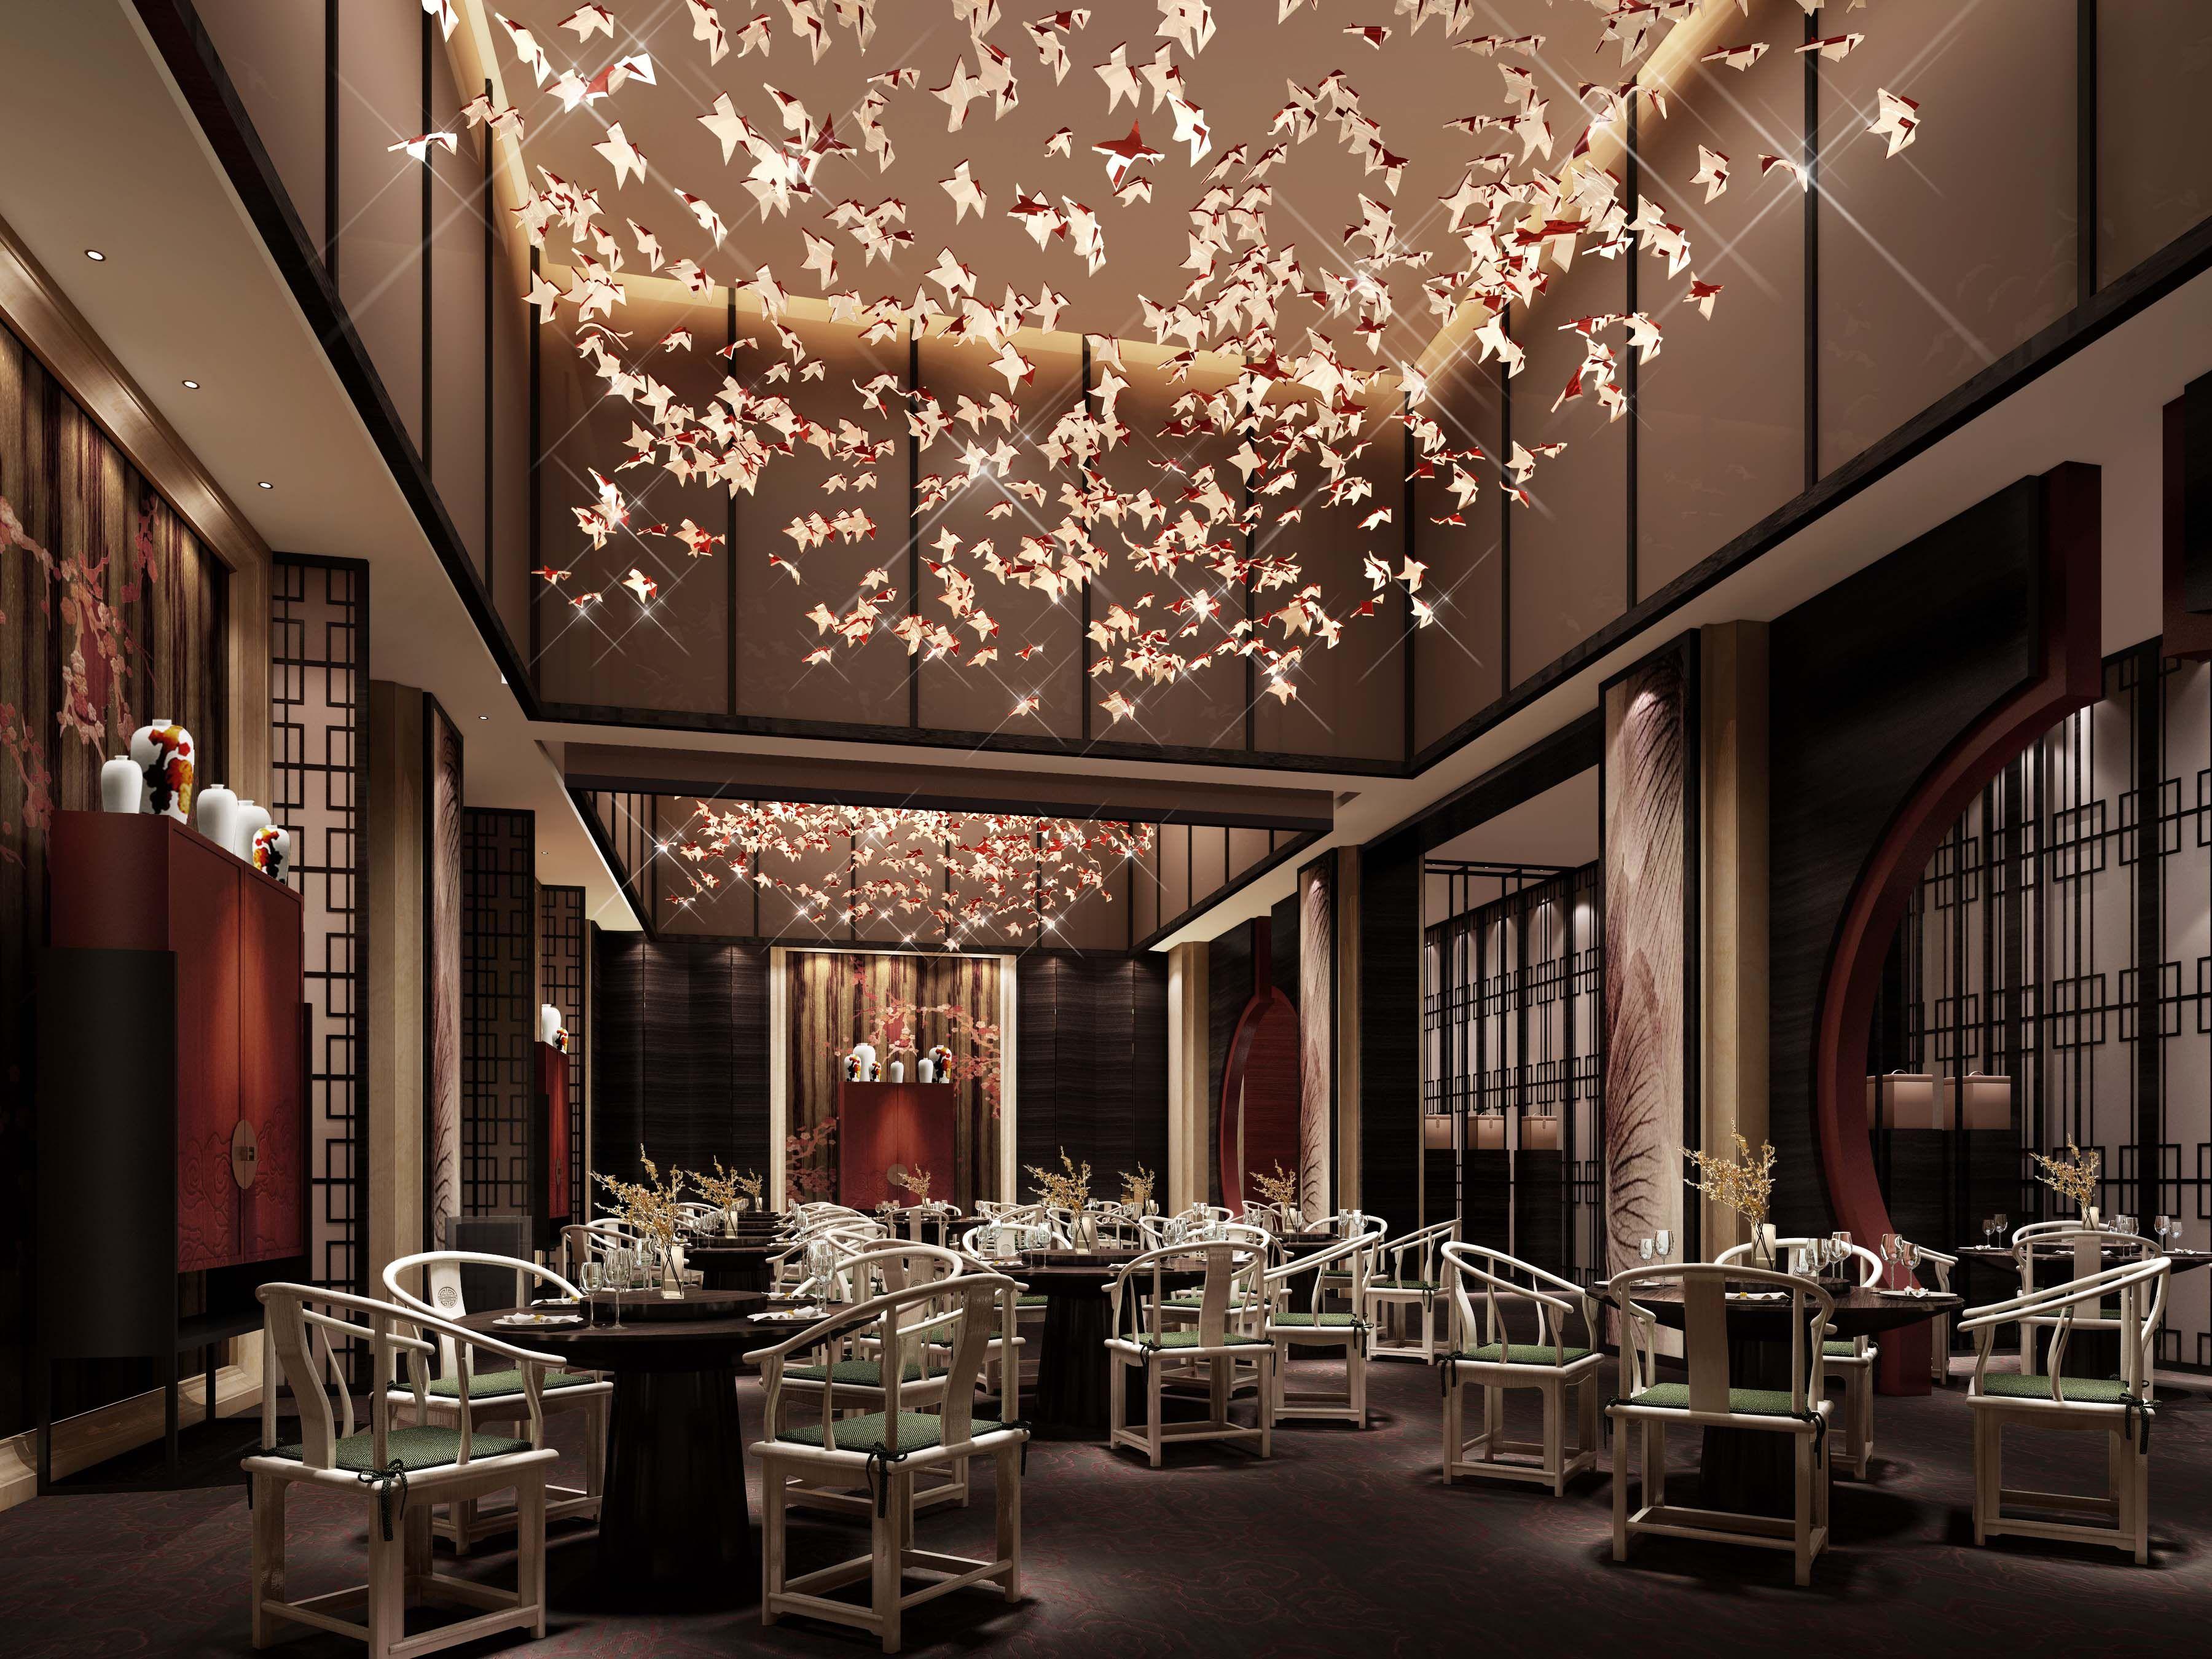 Merging Chinese Restaurants